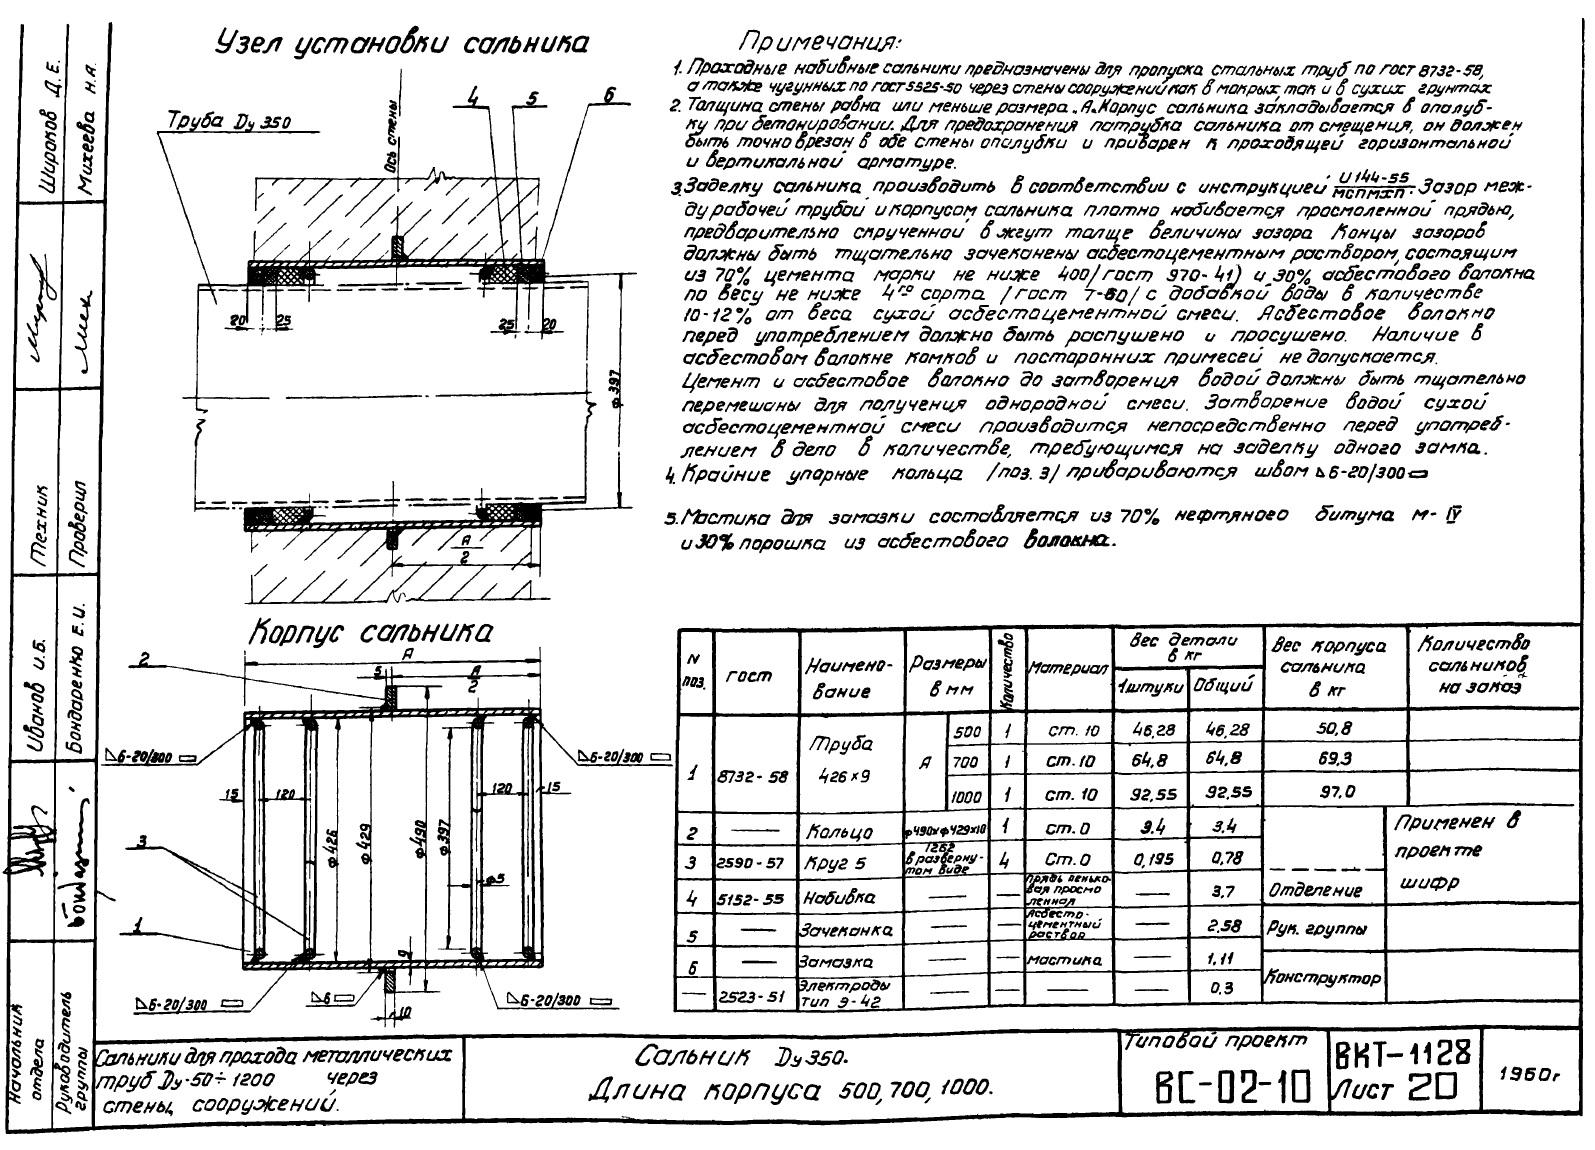 Сальники набивные L = 700 мм типовой проект ВС-02-10 стр.9